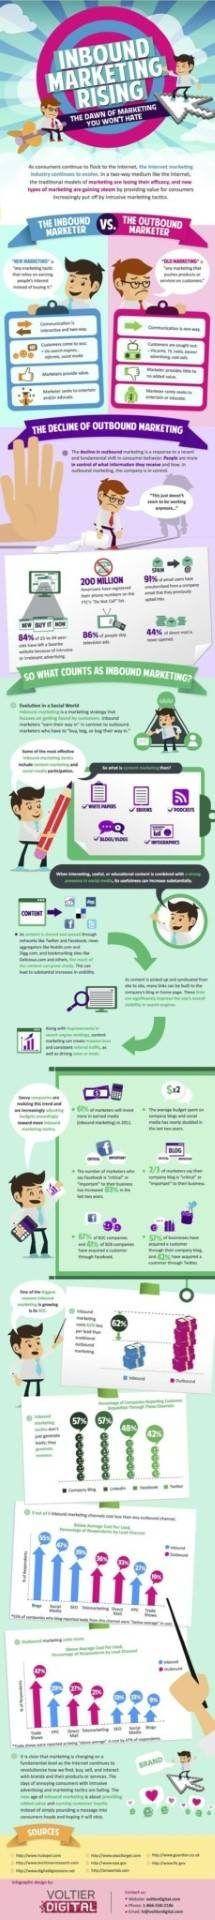 infographic-inbound-marketing